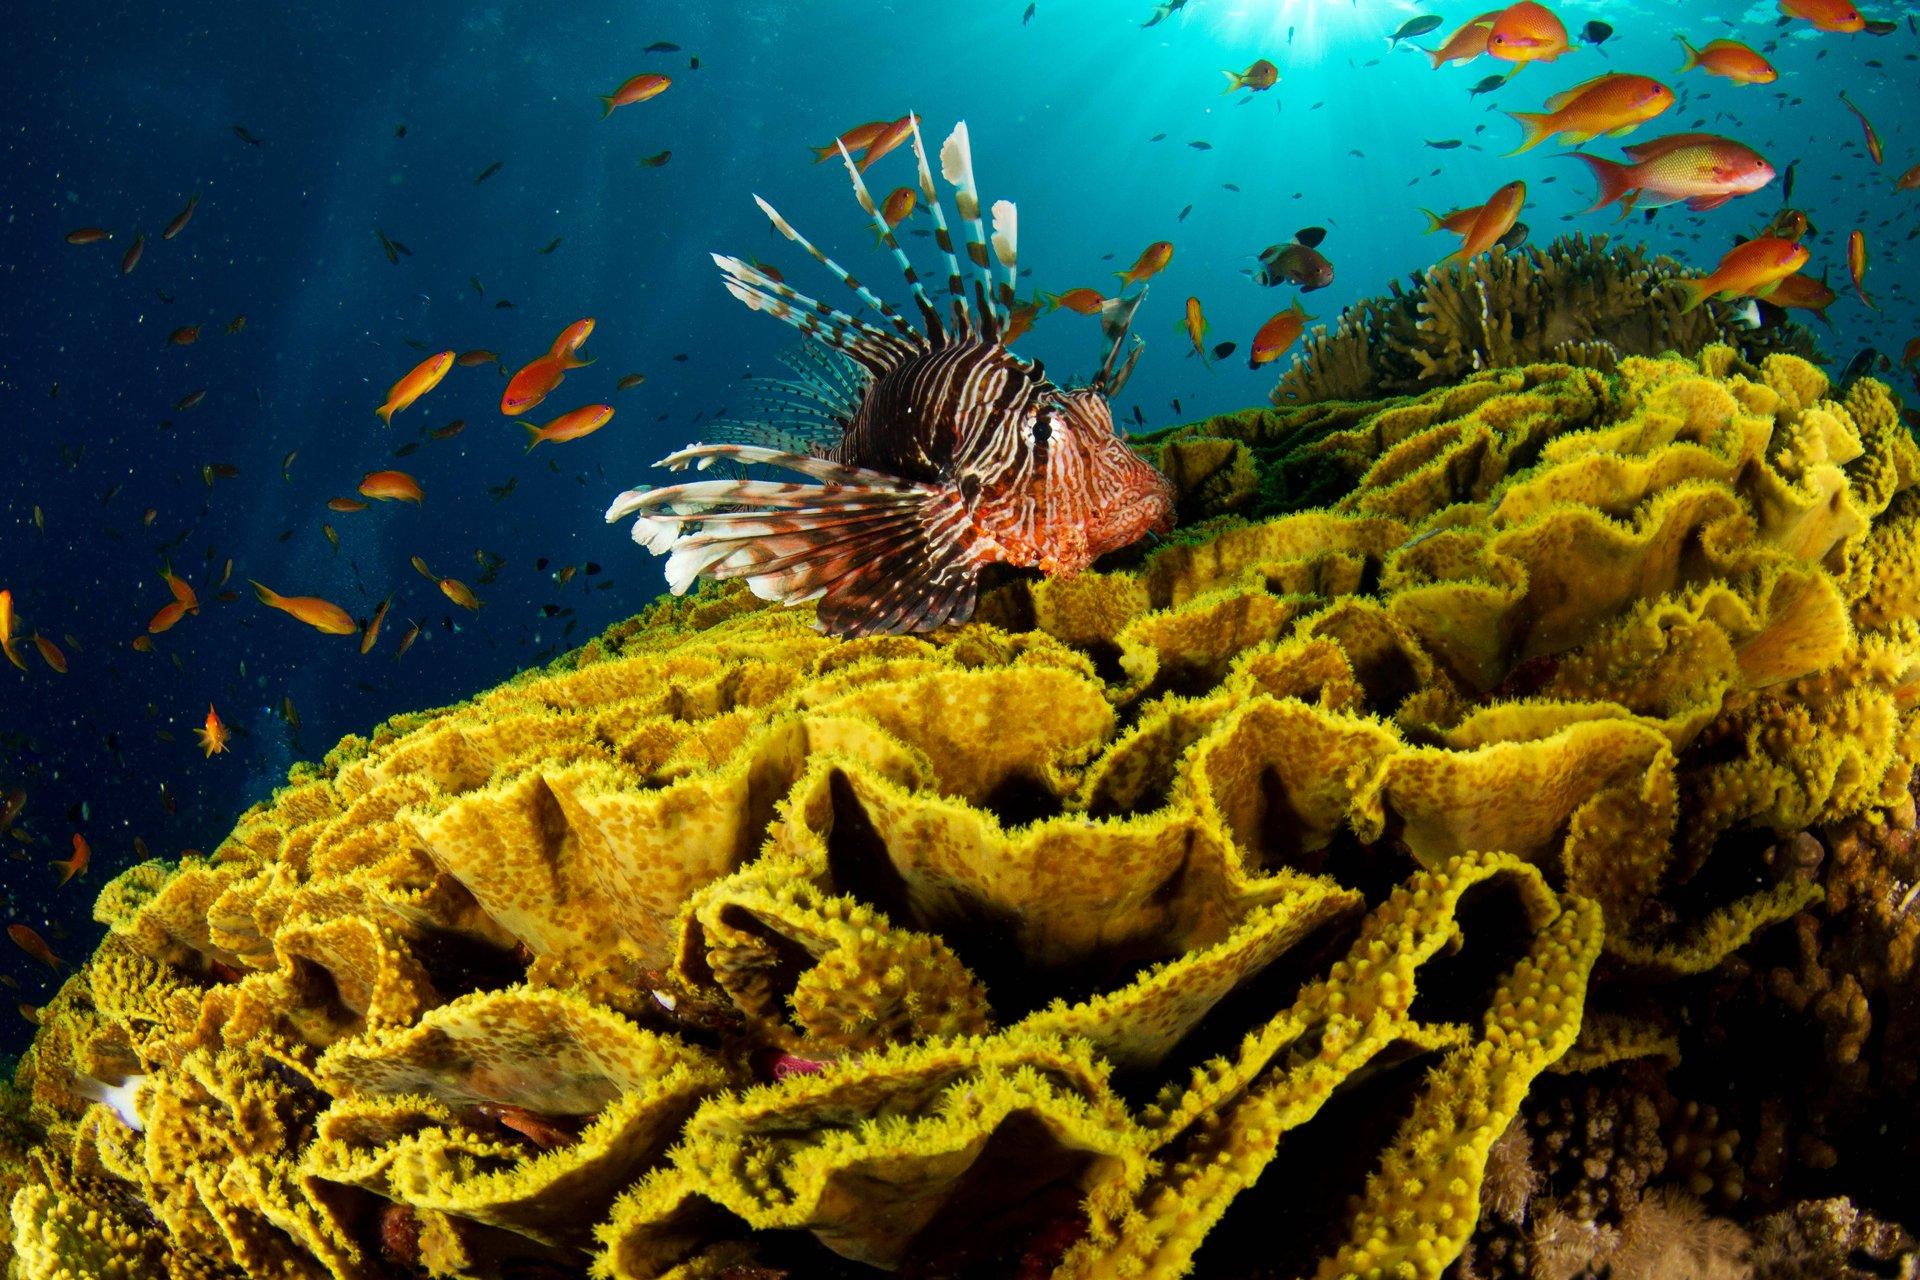 фотографе красивые фотографии морского дна мария